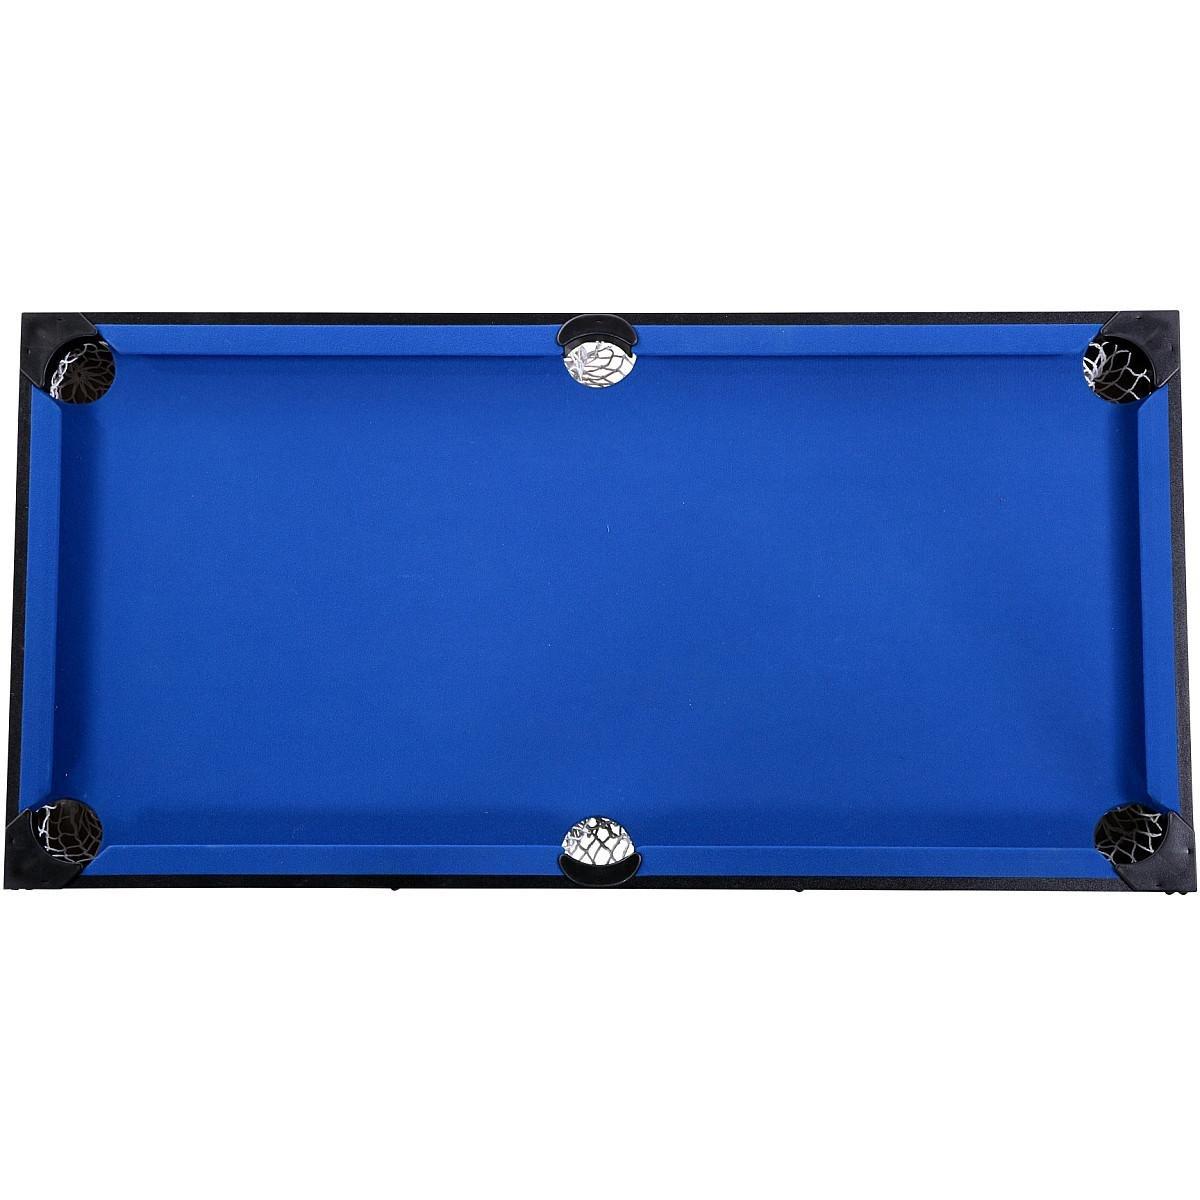 JOOLA Sport Squad Bx40 40'' Billiard Table-Top Table by JOOLA